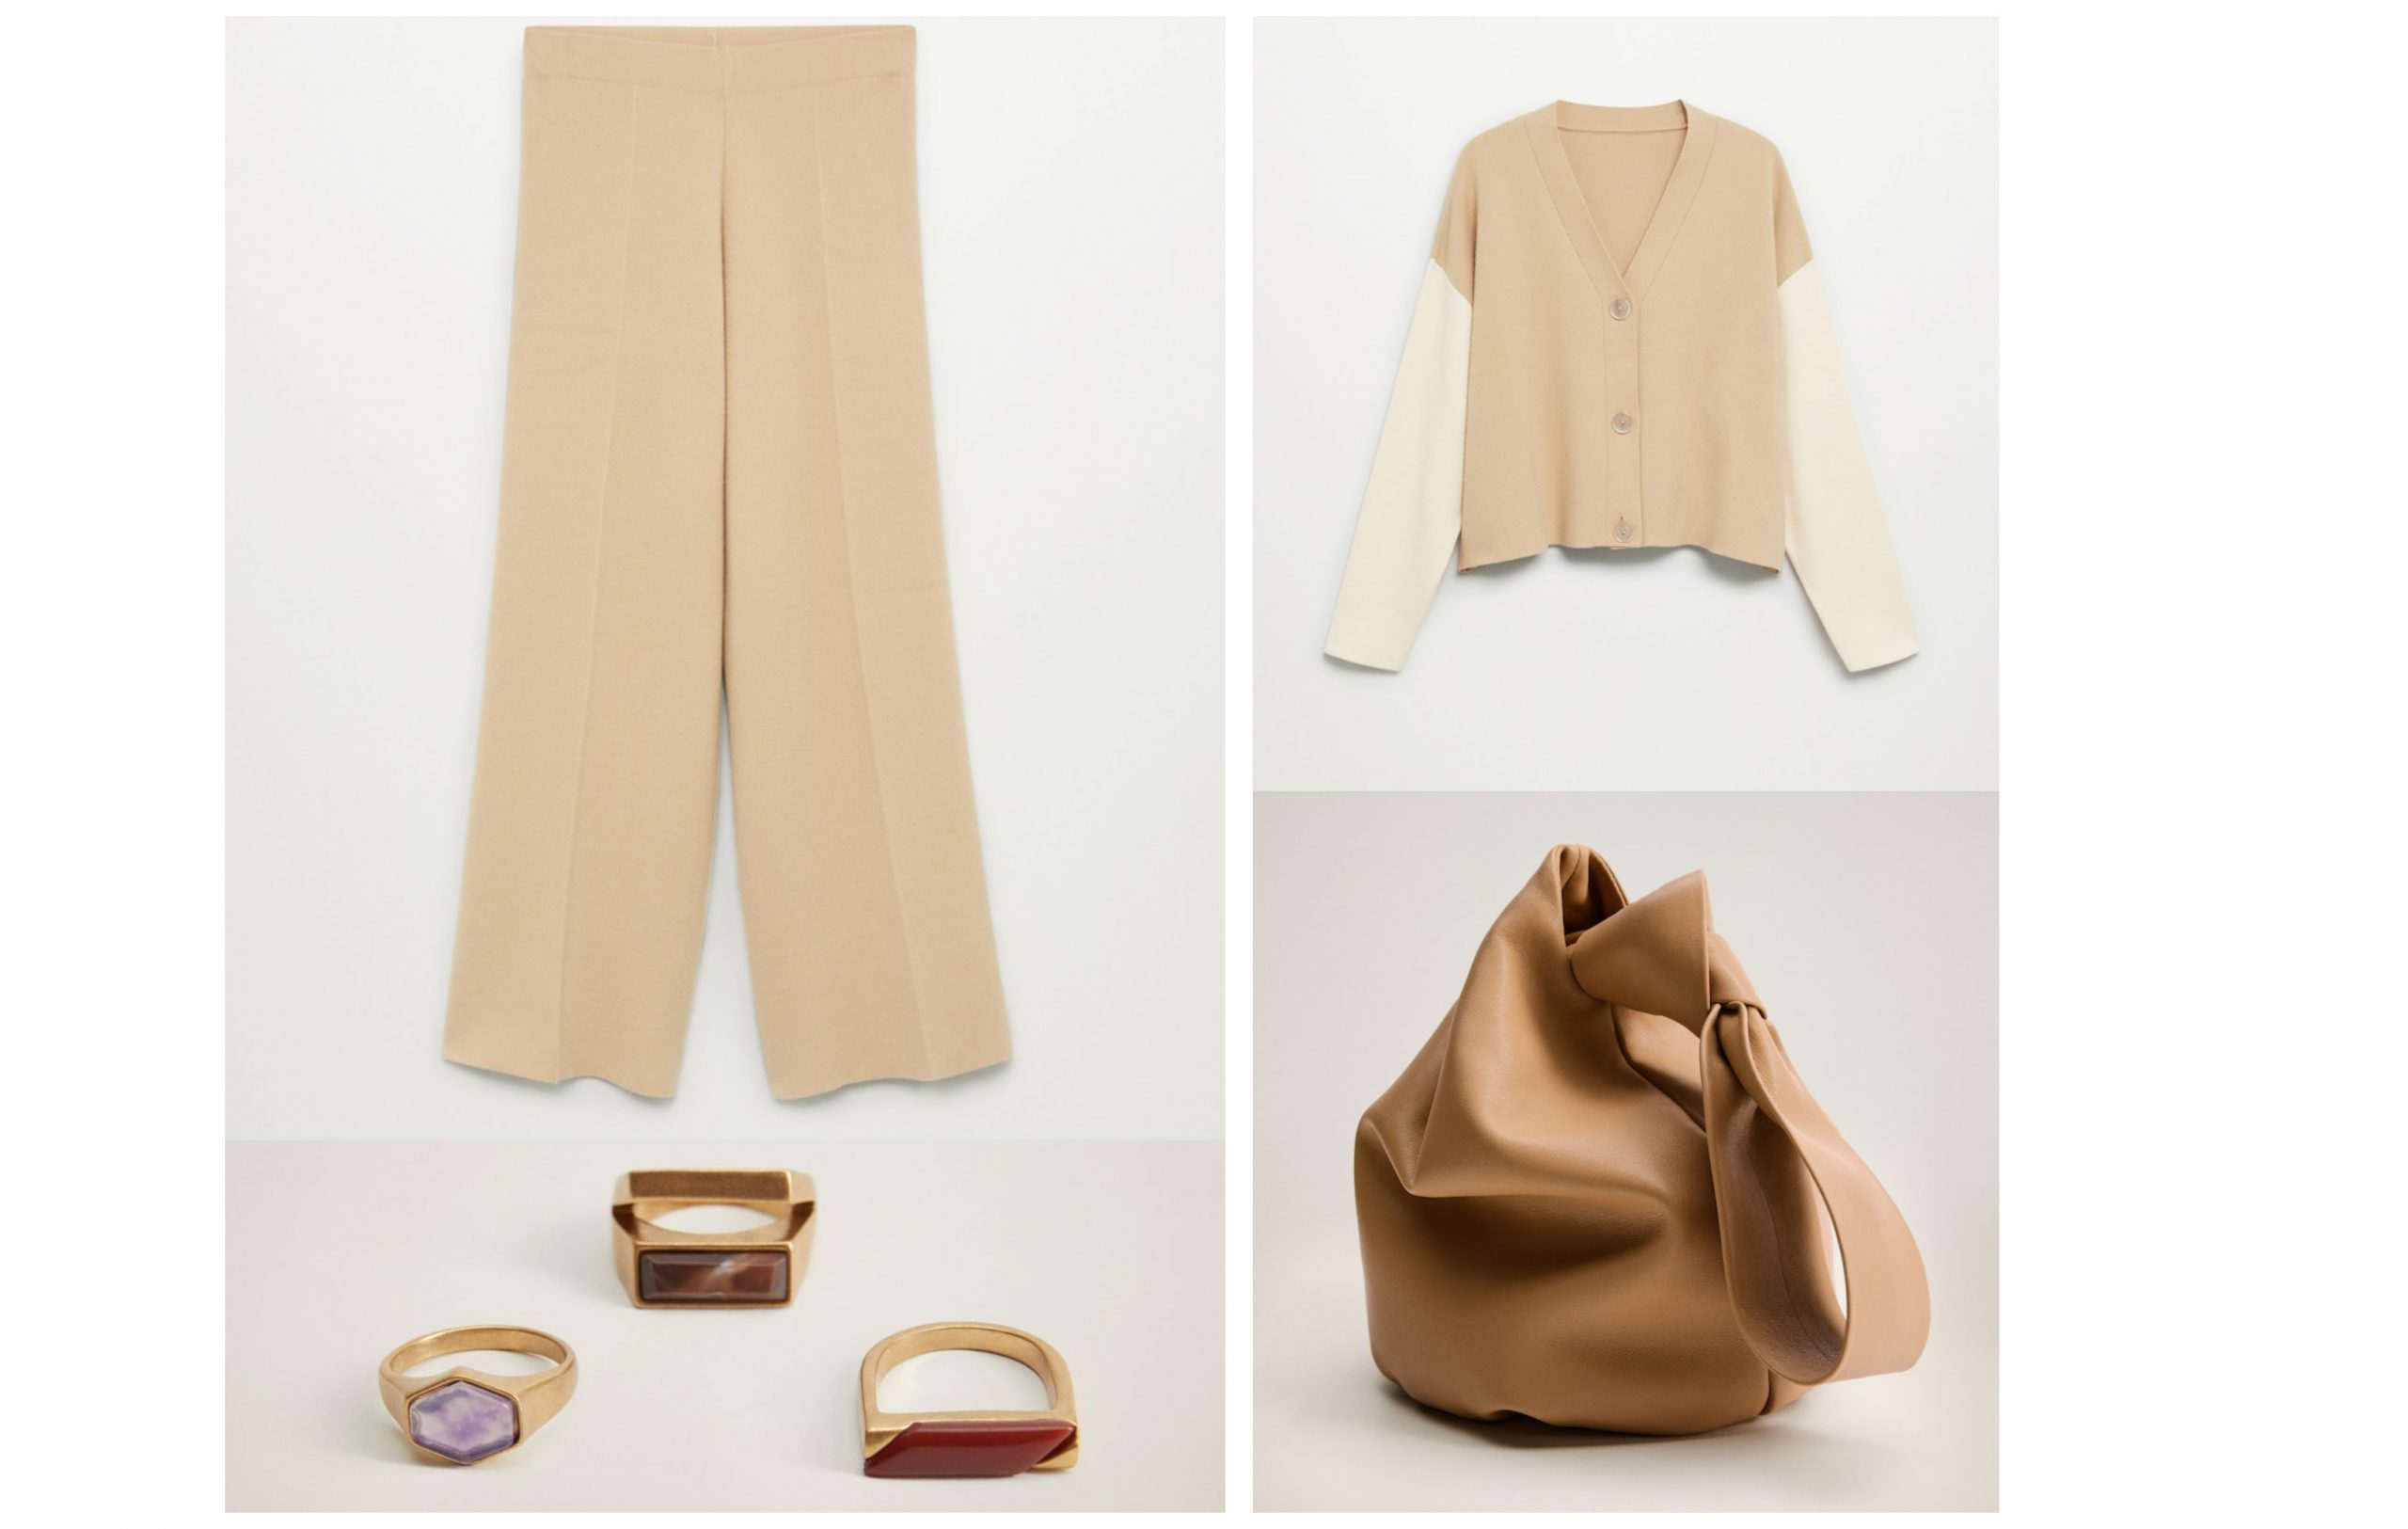 Conjunto de Mango formado por unos pantalones de lana a conjunto con un jersey formado por dos colores, bolso saco y un set de anillos con detalles de piedras.